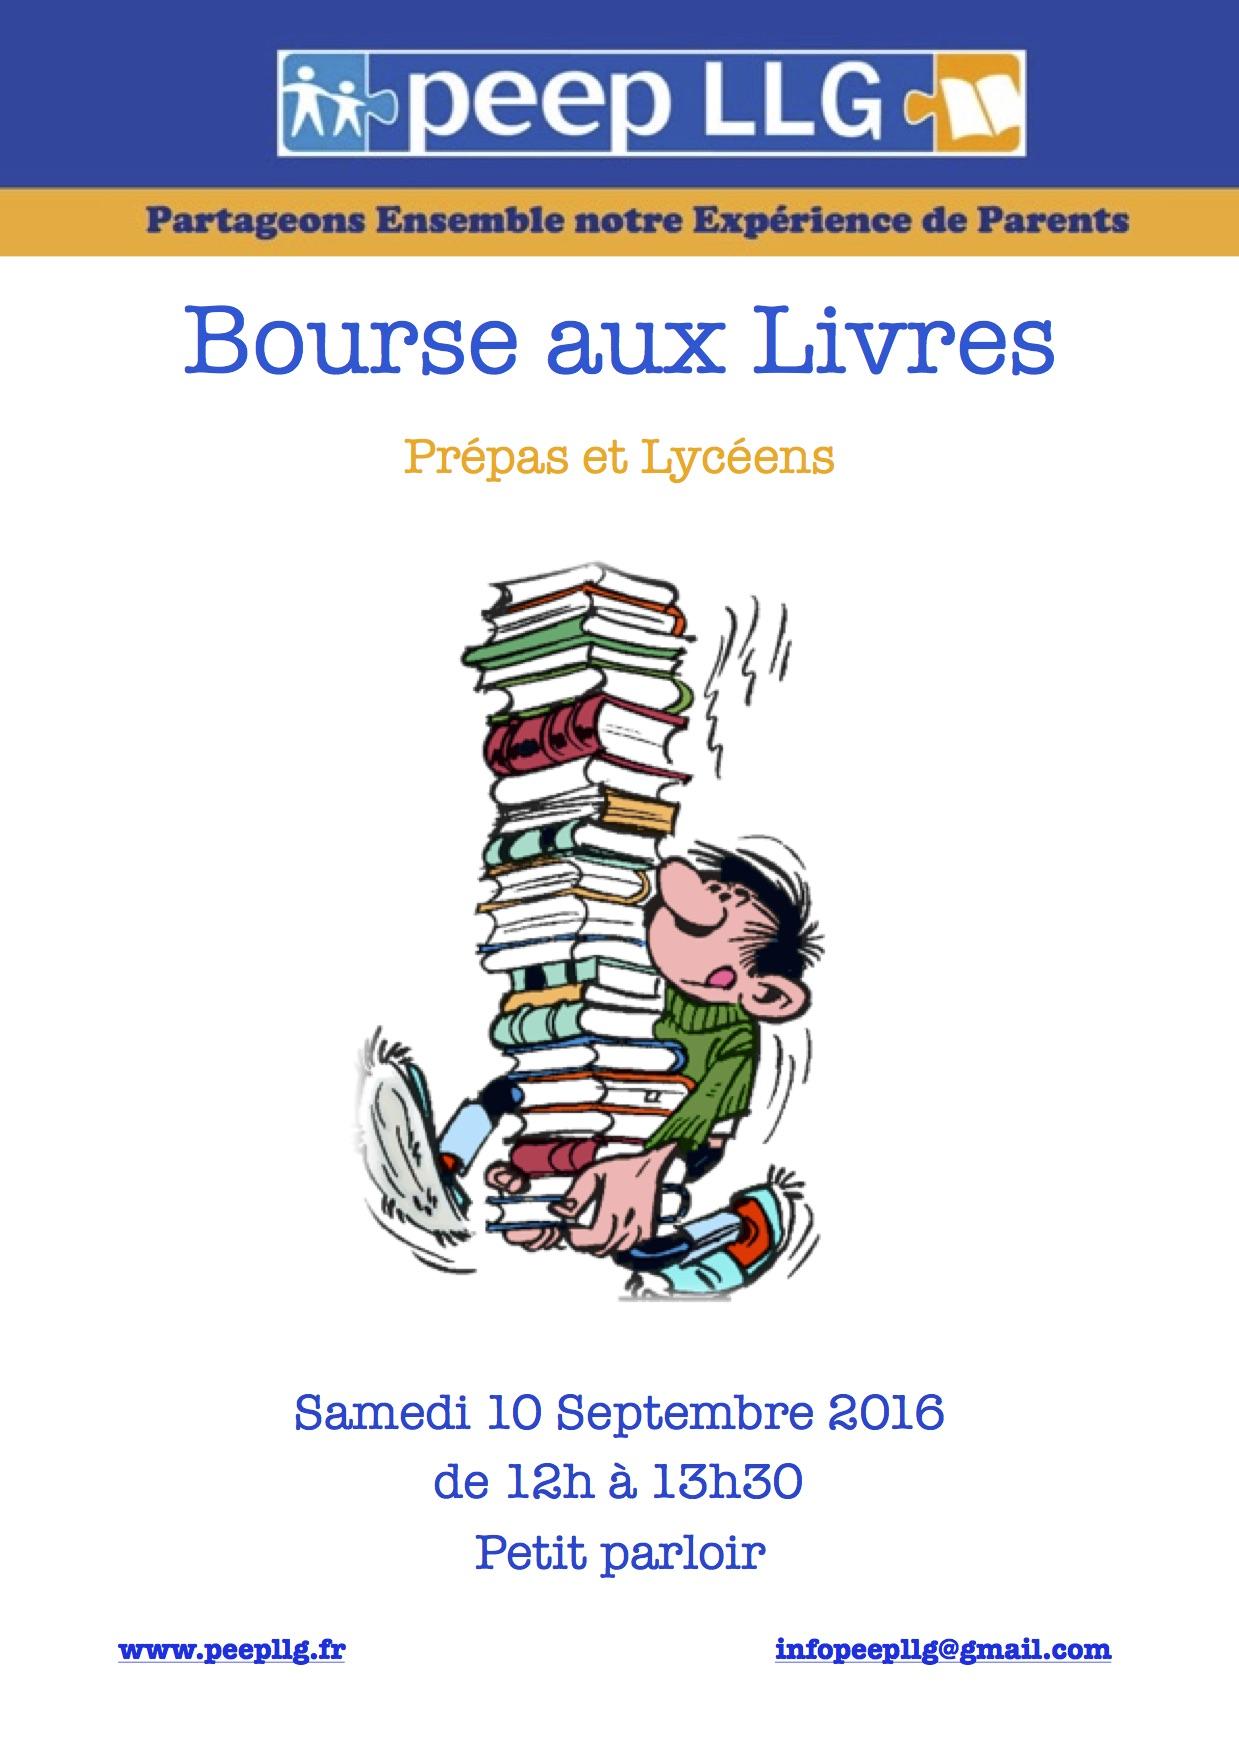 2016-llg-bourse-aux-livres